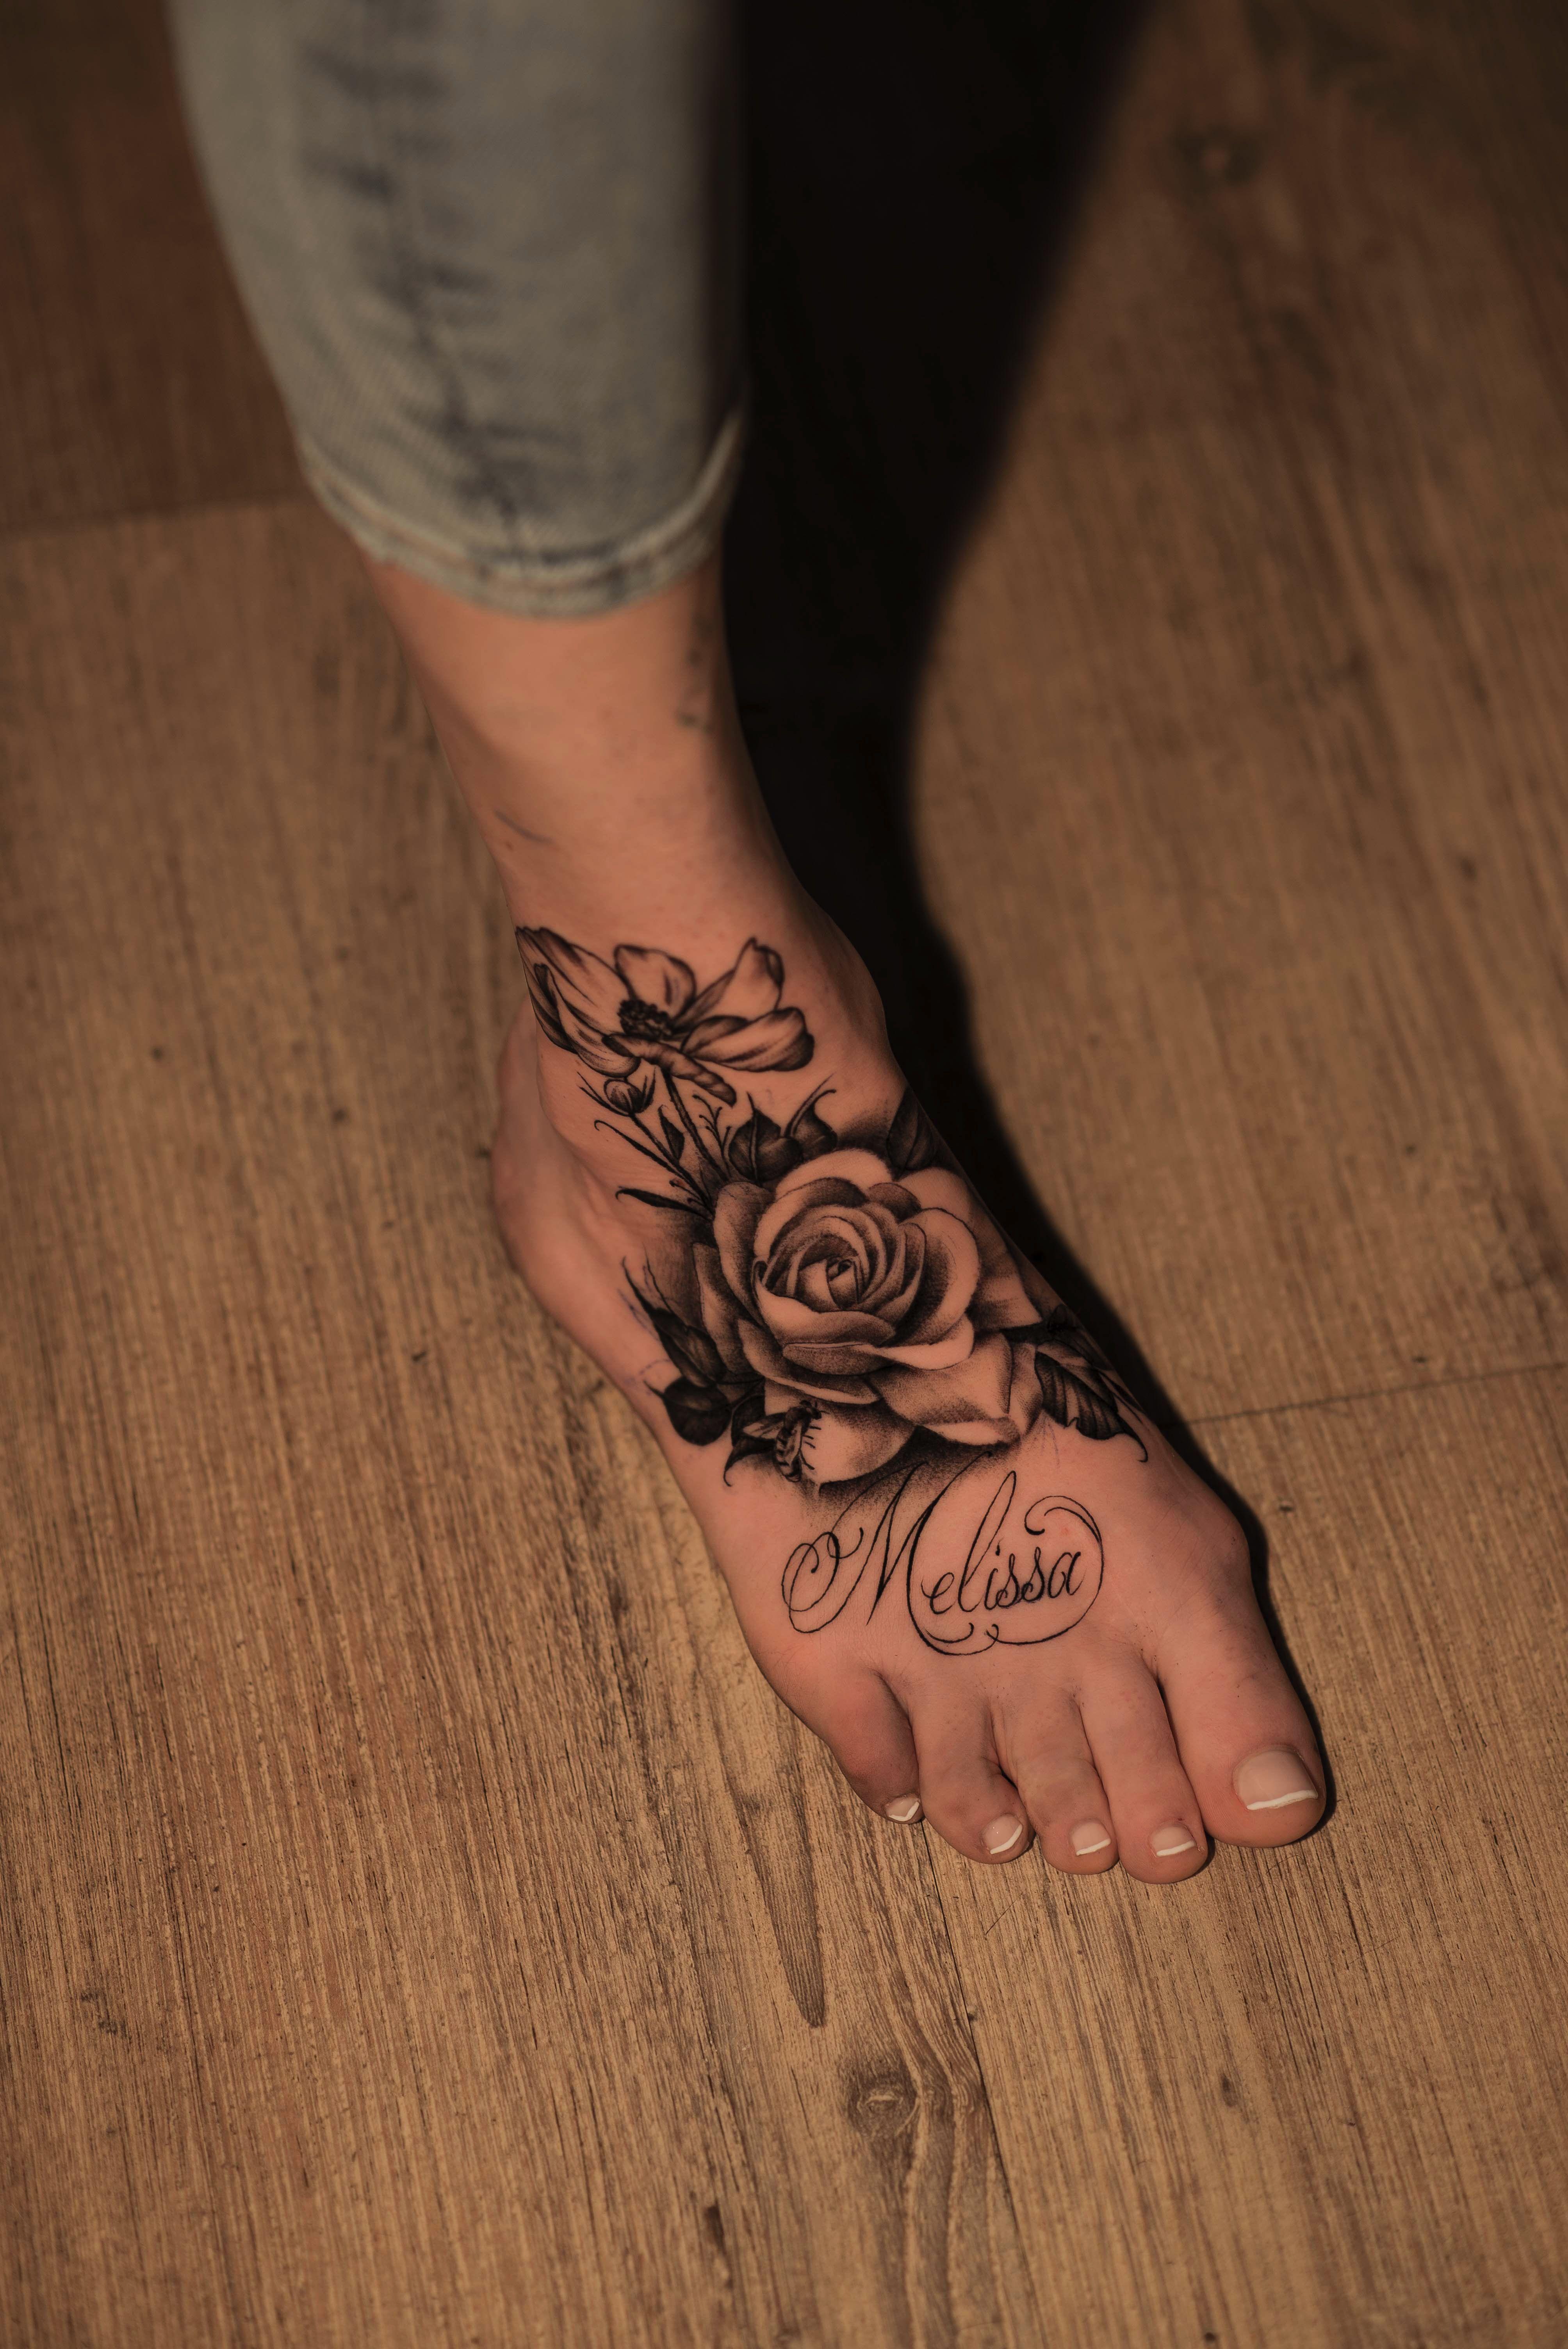 Foottattoo tattoo foot women flowertattoo flower roses